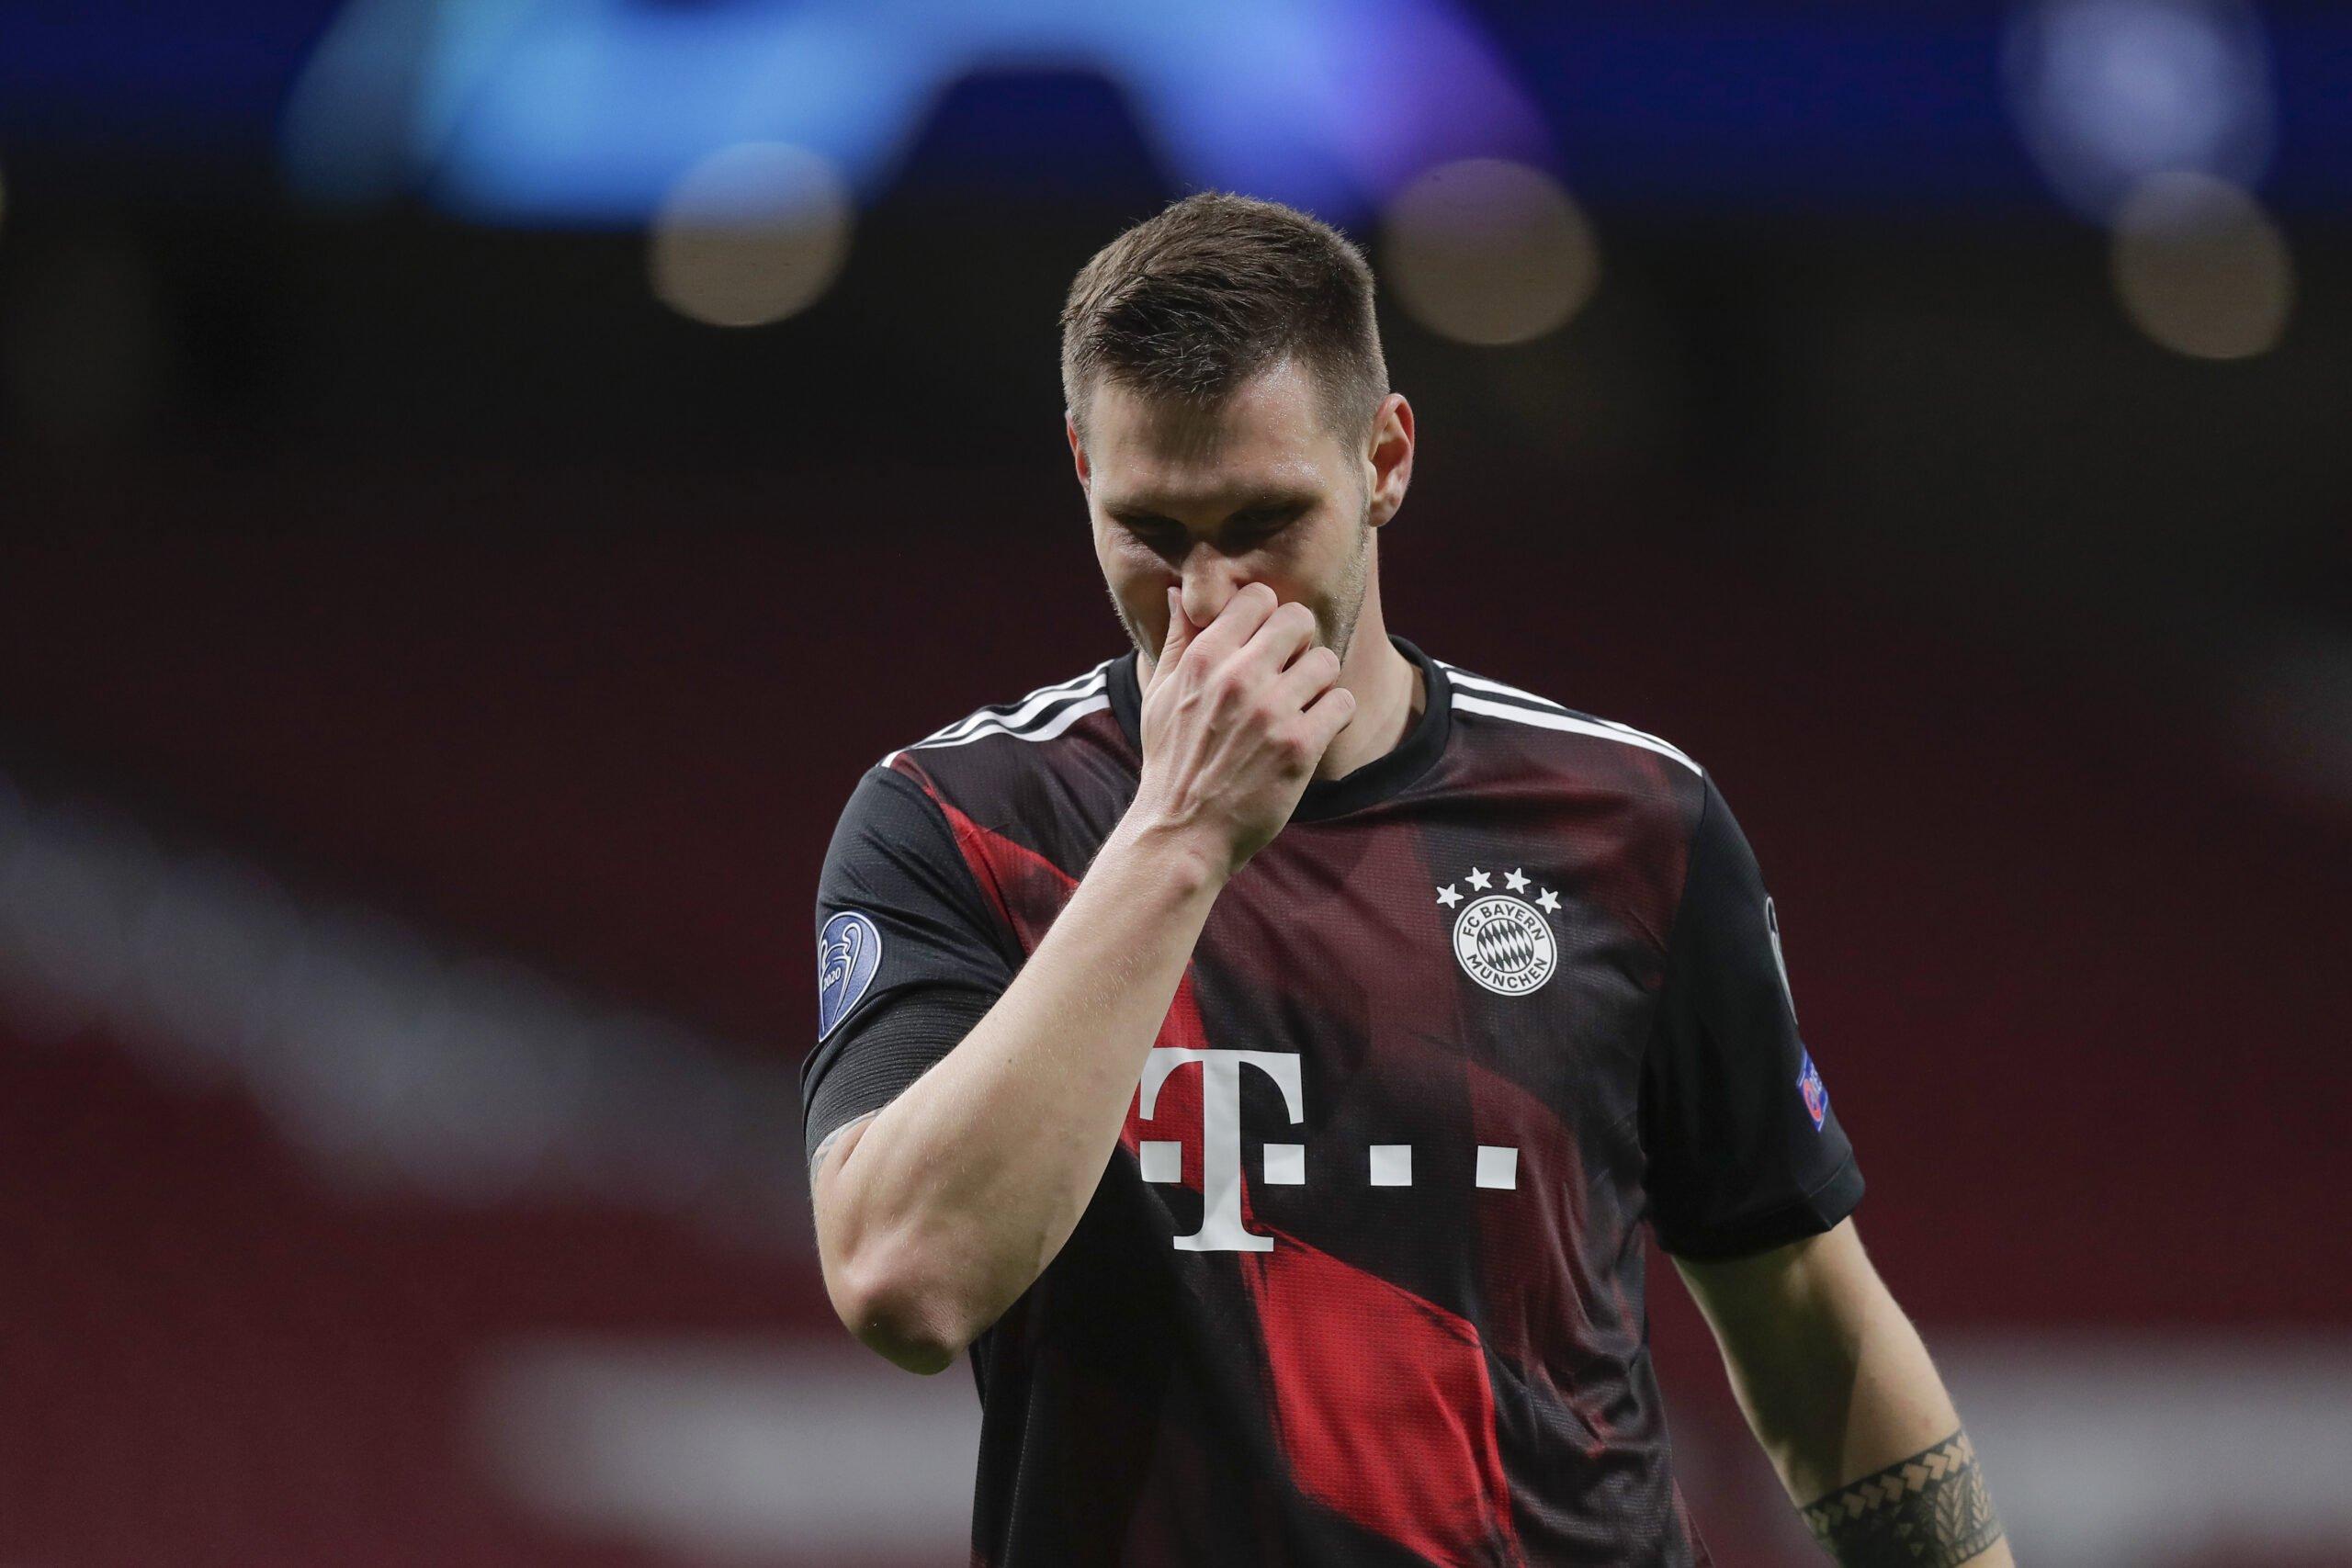 Der Druck auf Süle wächst: Auch Flick ist unzufrieden mit dem Innenverteidiger - Aktuelle FC Bayern News, Transfergerüchte, Hintergrundberichte uvm. - fcbinside.de